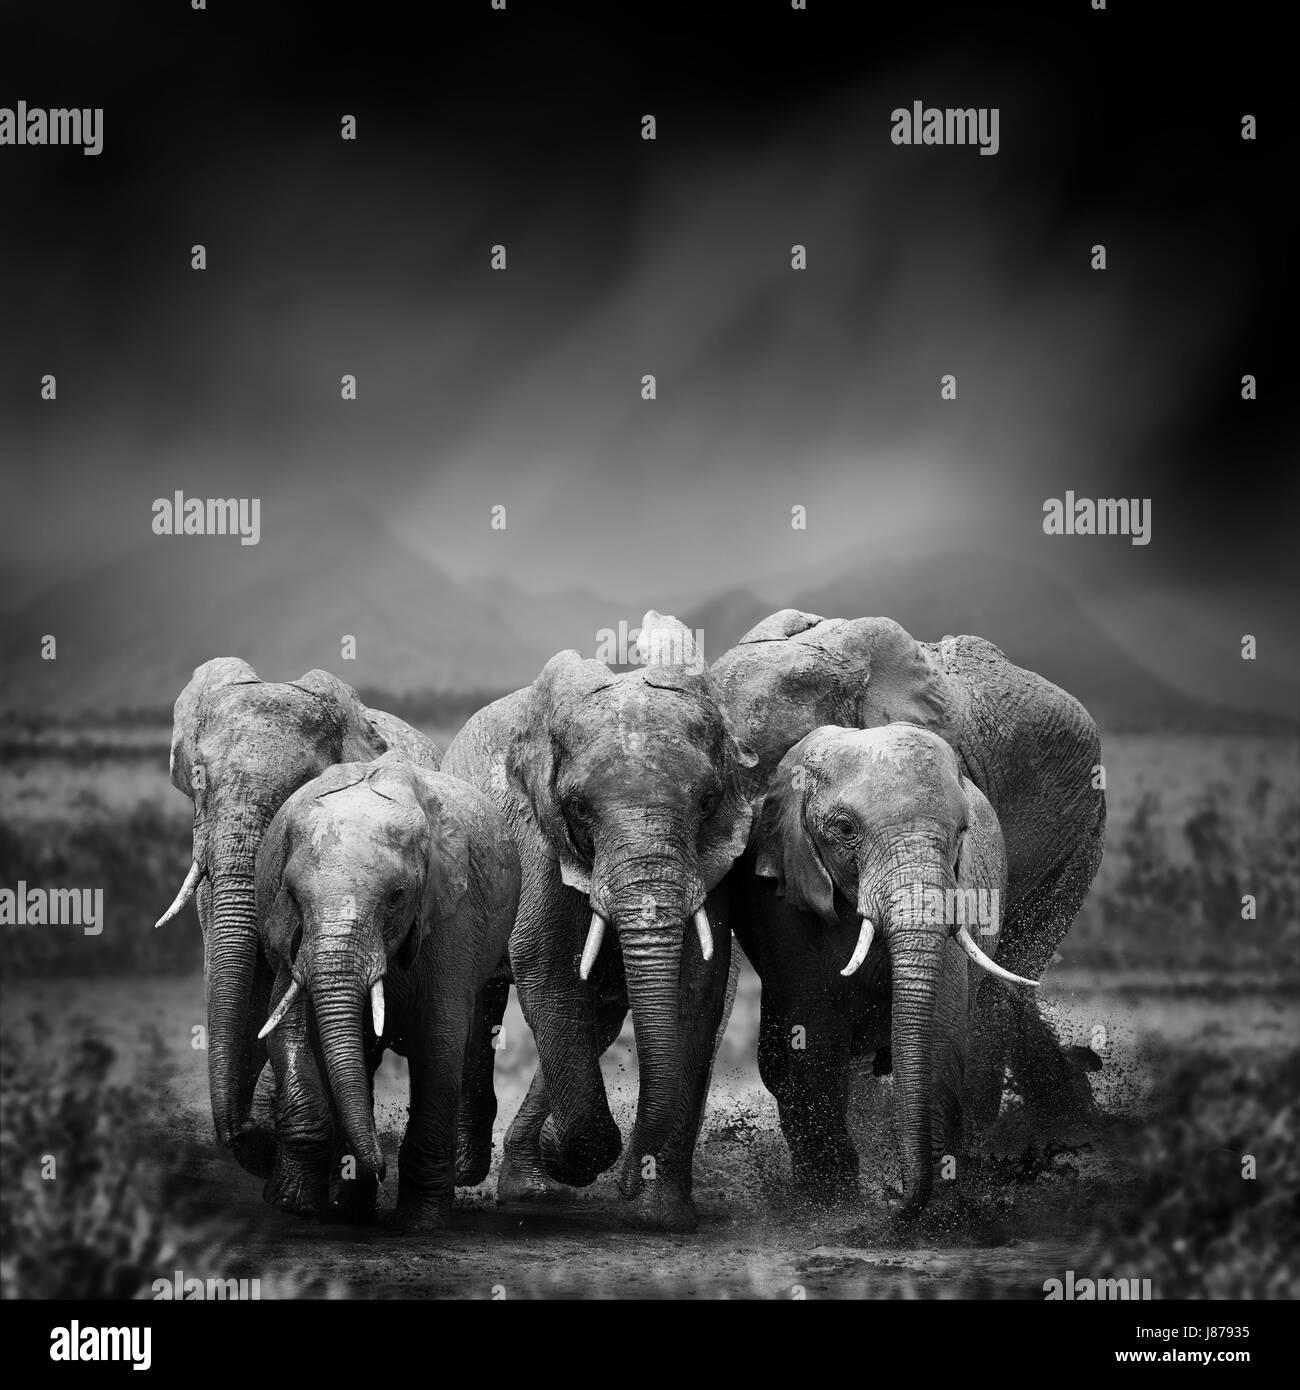 Dramatische Schwarz Weiß Bild Eines Elefanten Auf Schwarzem